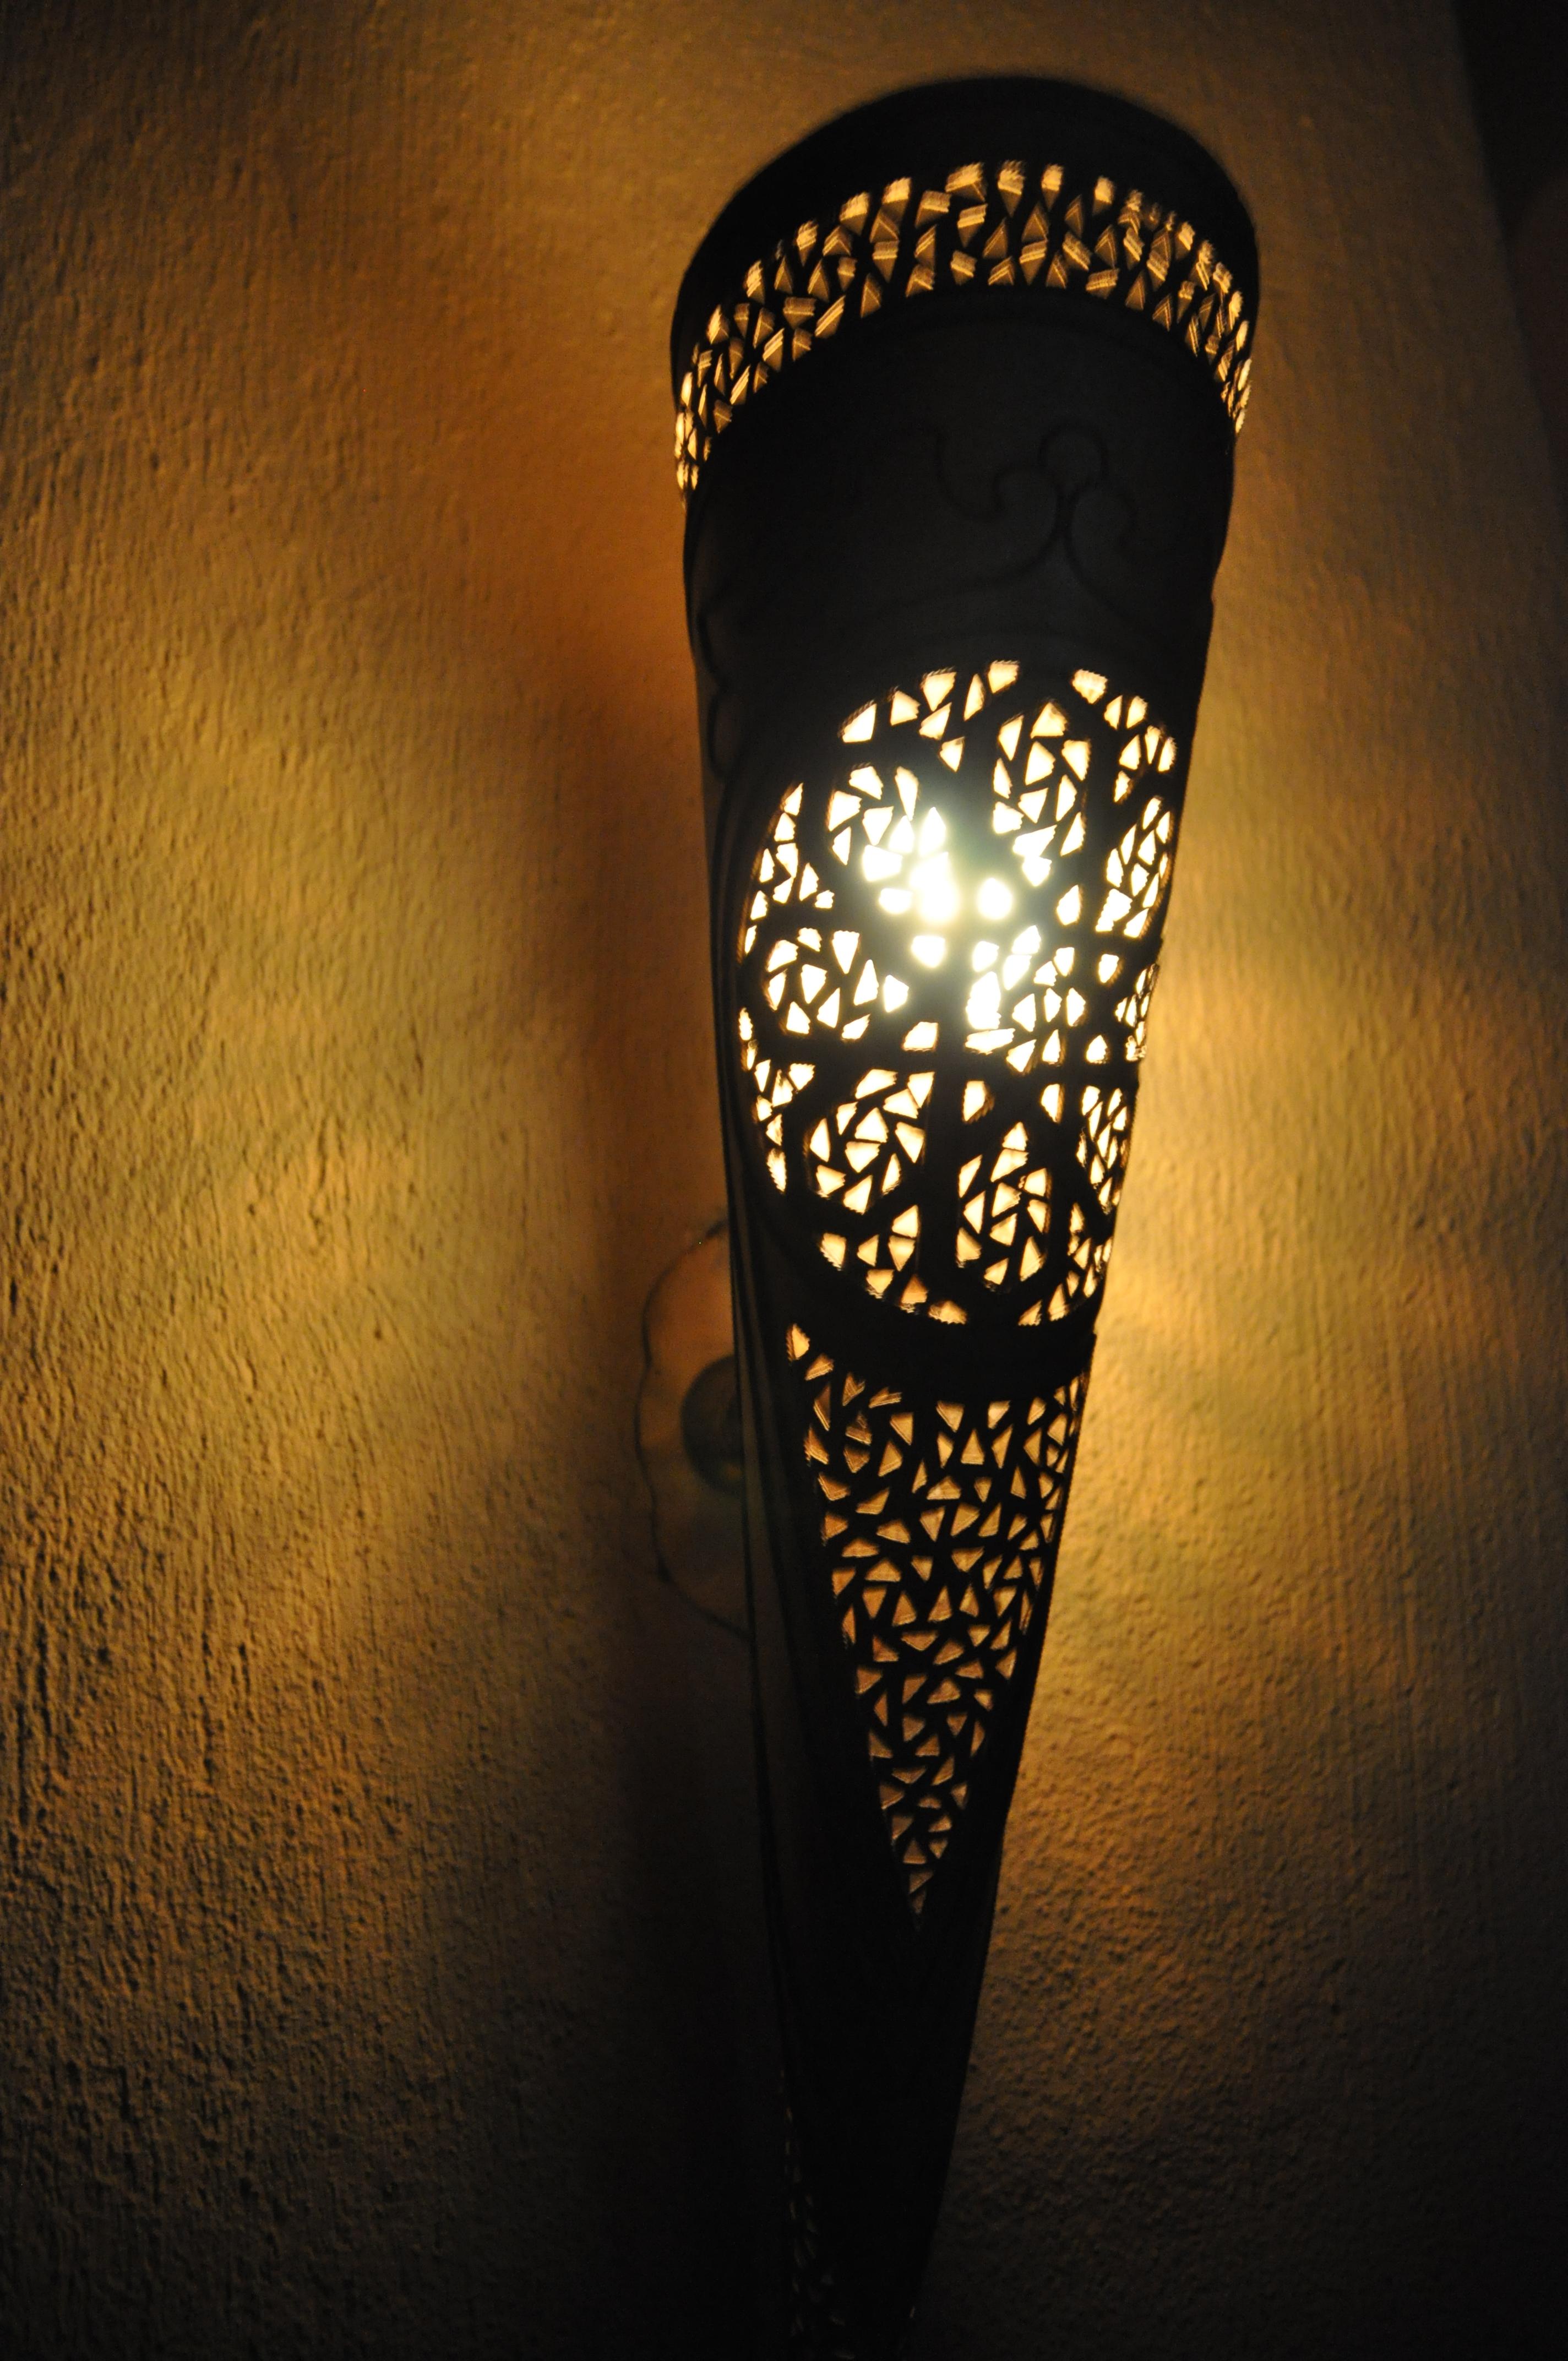 Lampe1 in Marokko, Hotel Mazagan